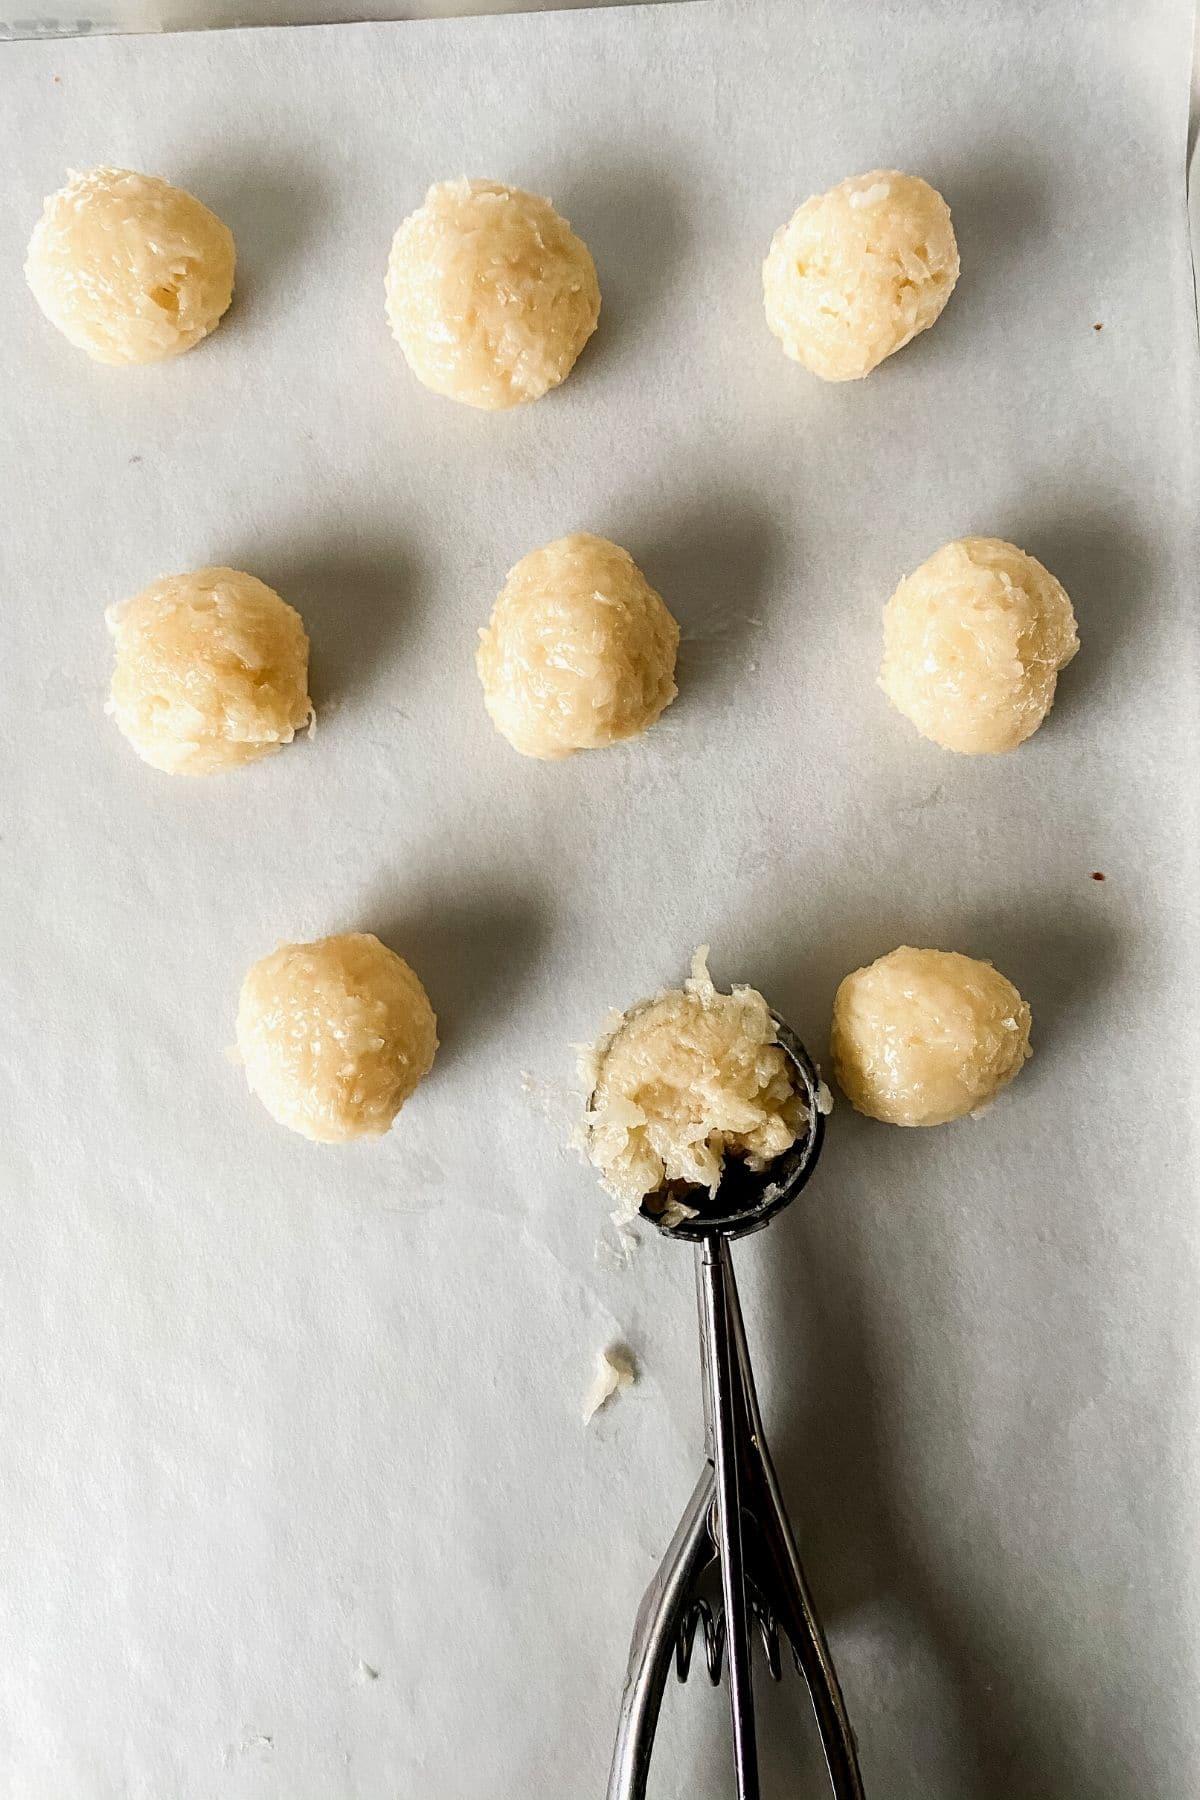 Coconut truffles on baking sheet